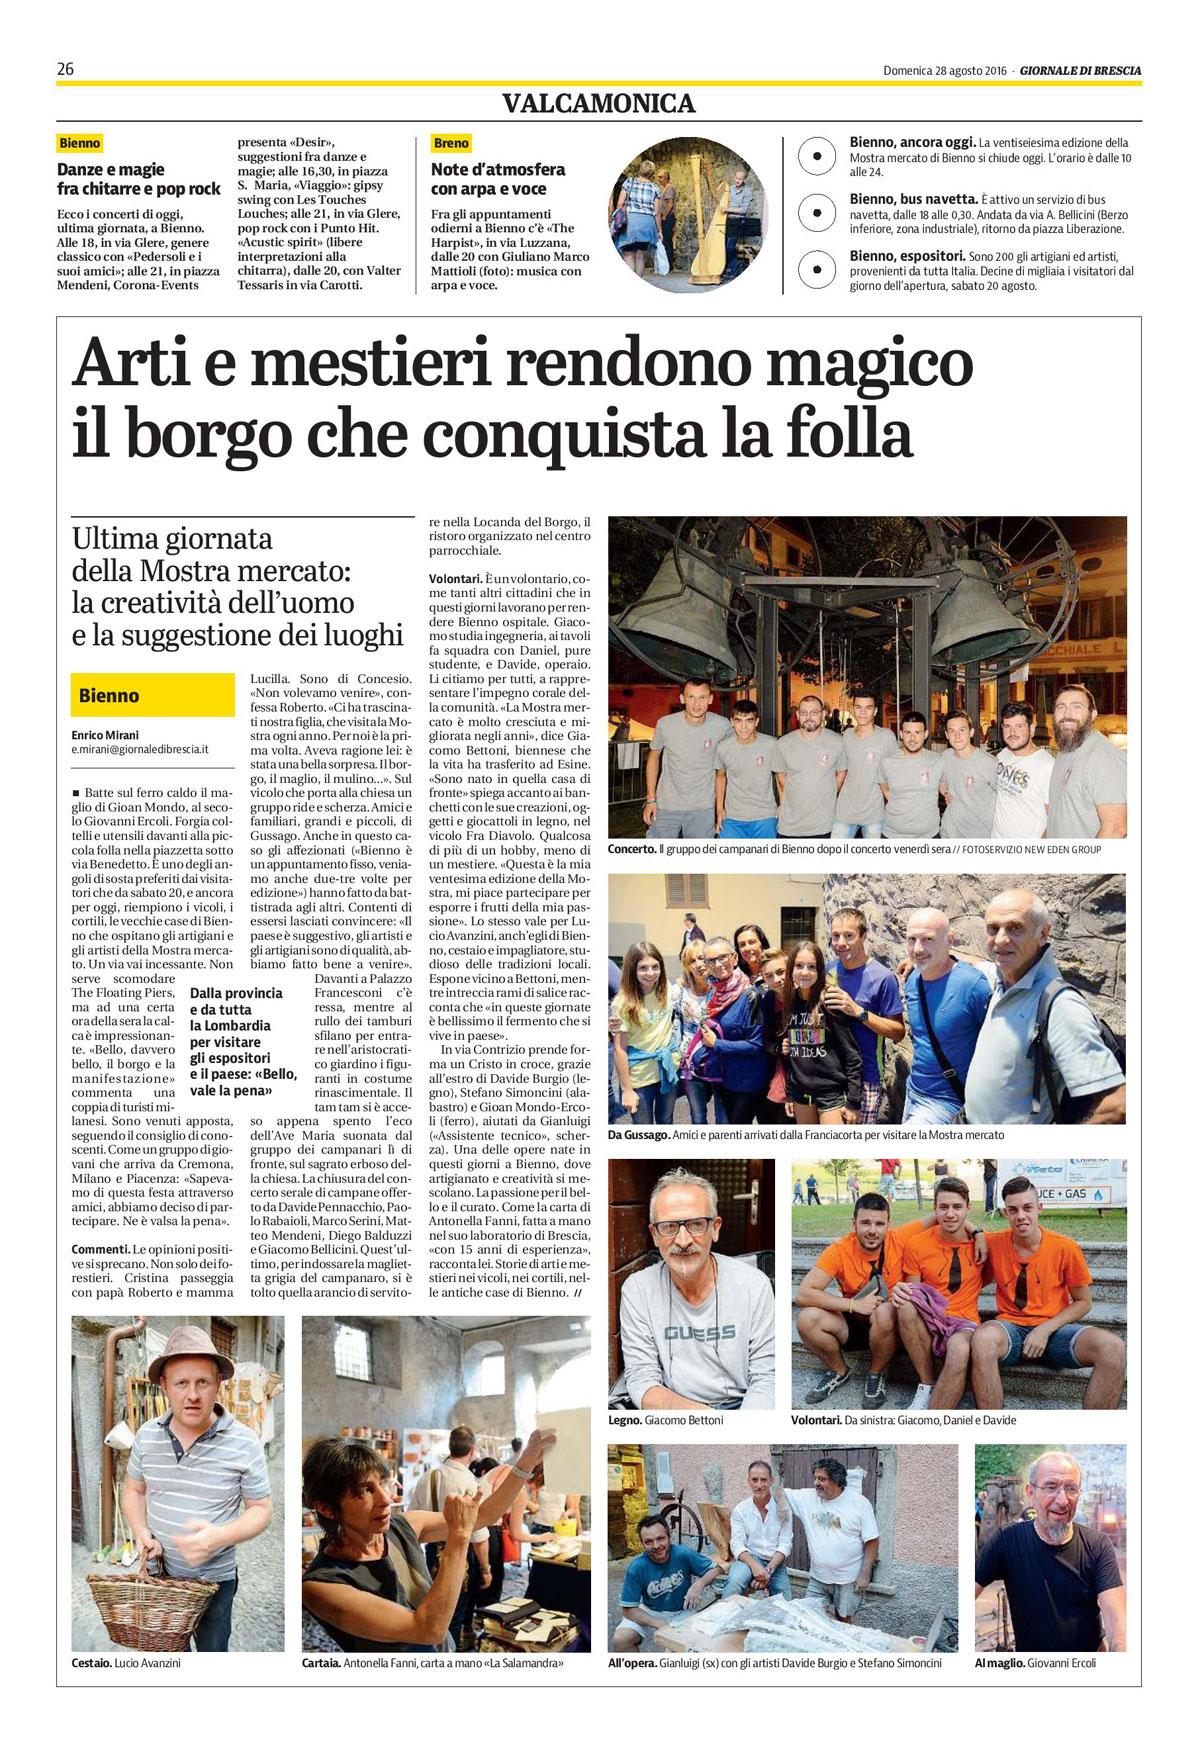 Giornale di Brescia - domenica 28 agosto 2016